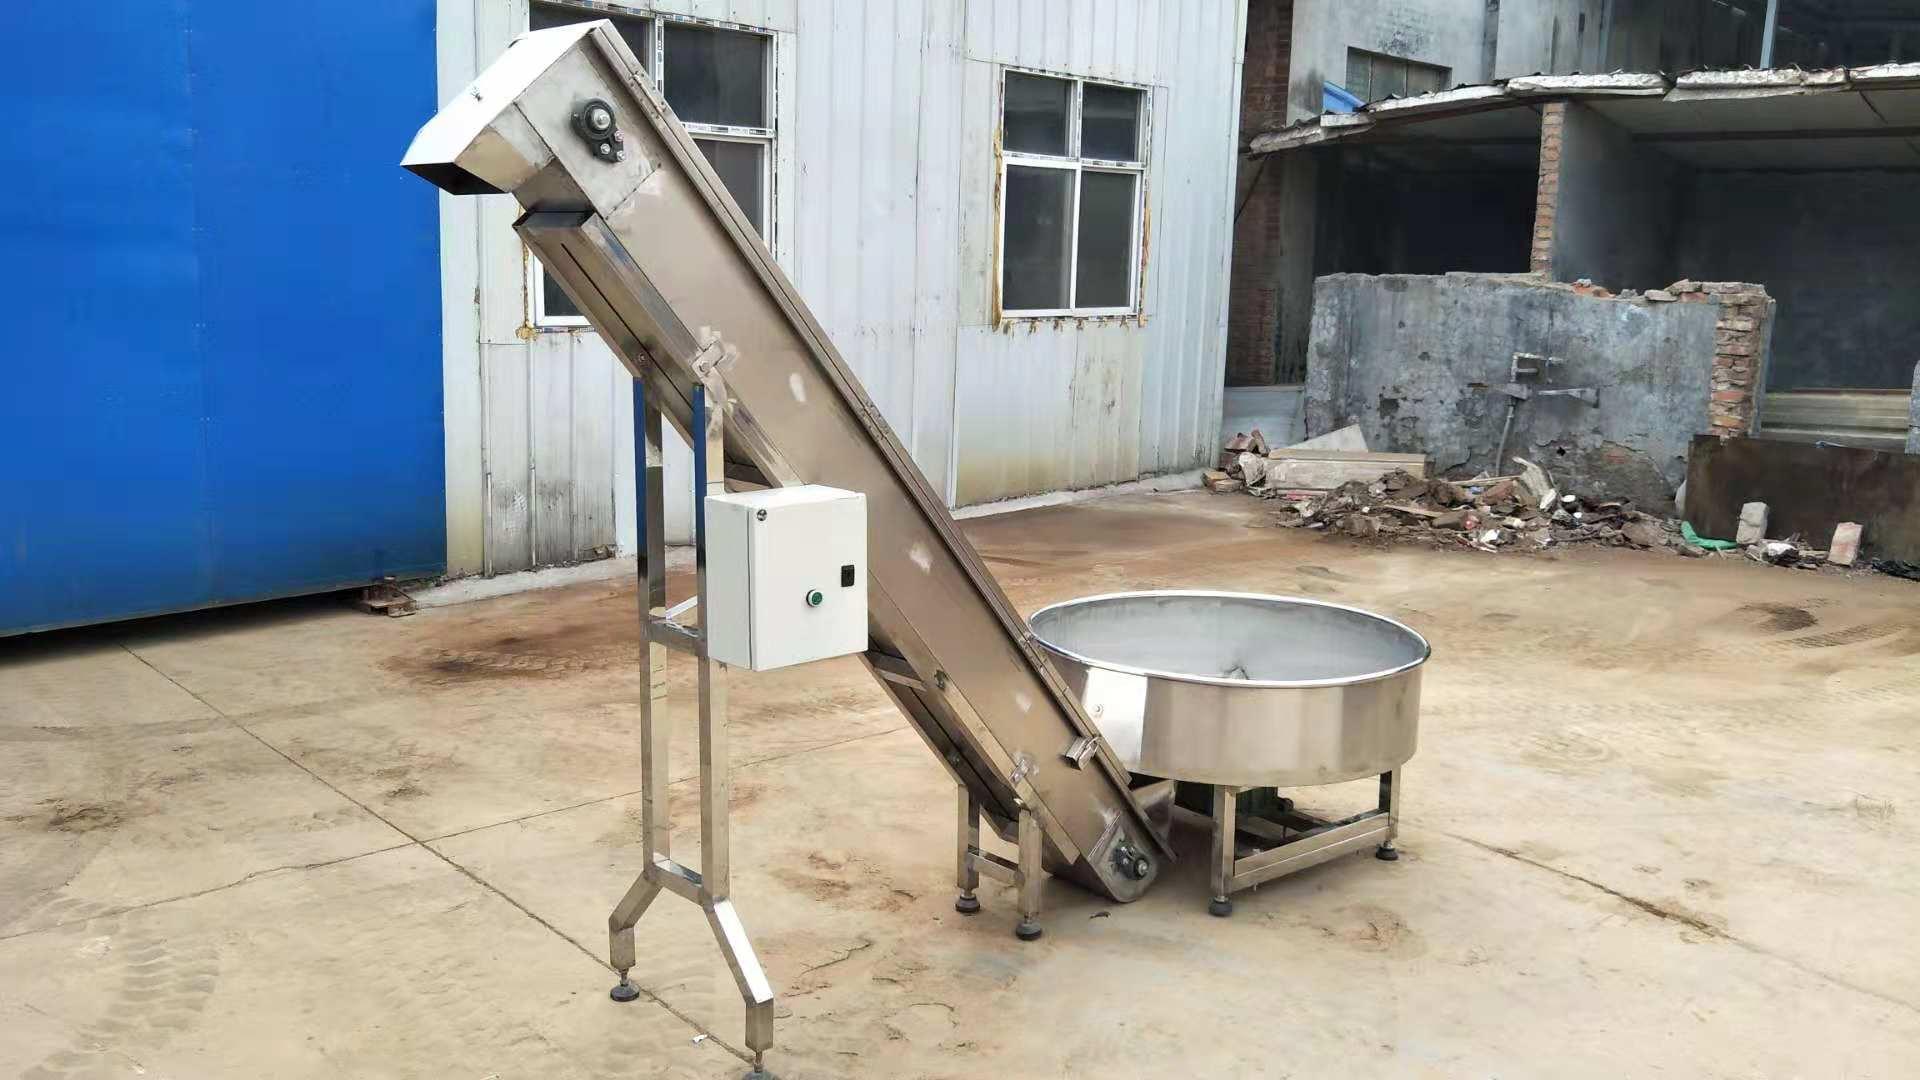 开封熟化机自动上料机-郑州质量好的熟化机自动上料机出售